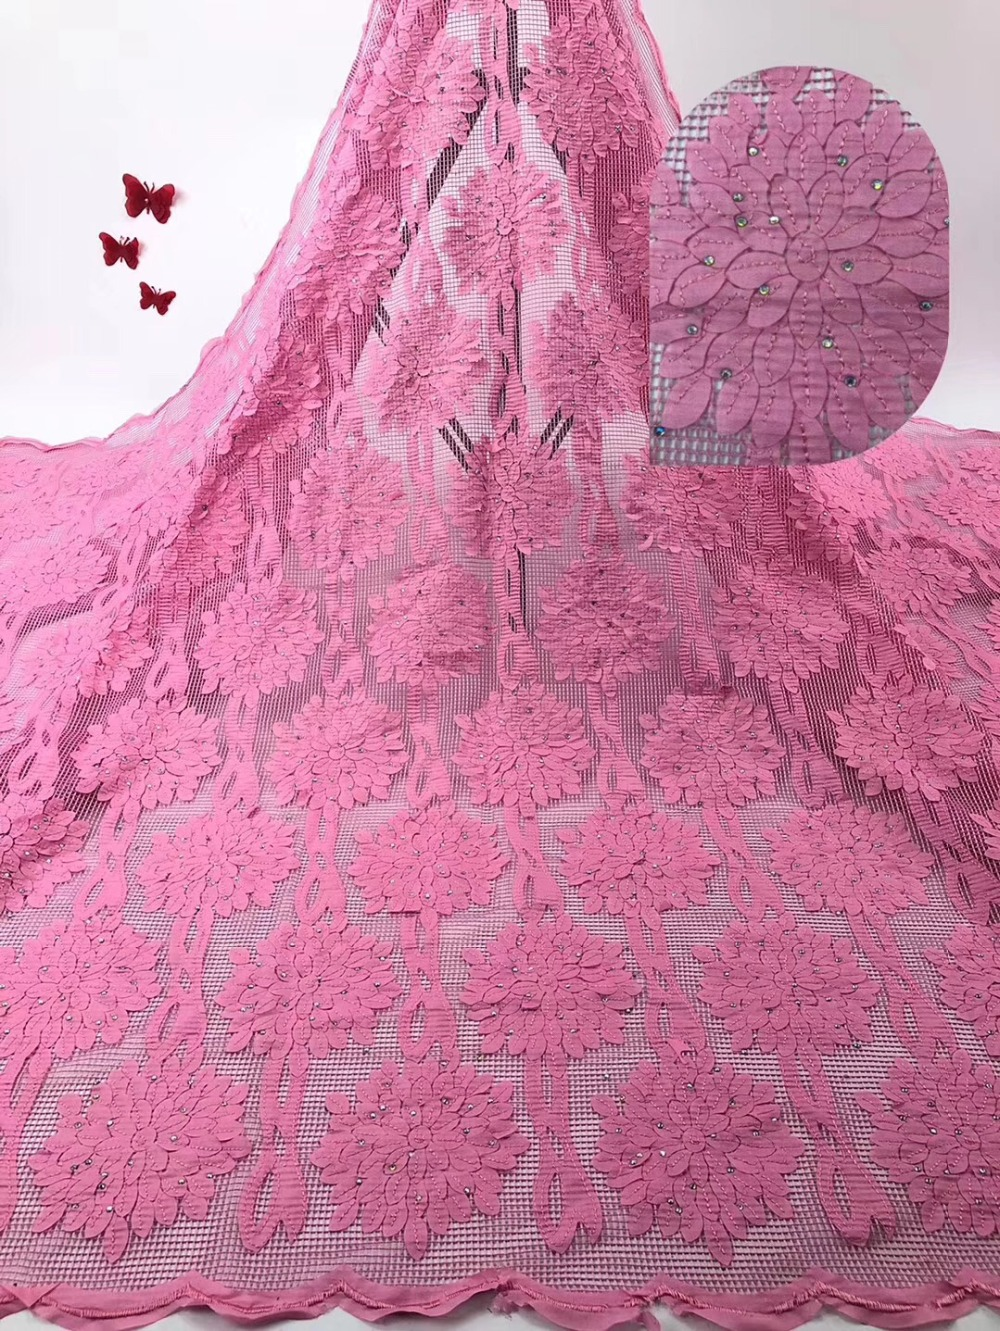 Rosa del ricamo tessuto Africano del merletto di alta qualità 2019 beautifule francese di tulle del merletto con i sequins per nigeriano del vestito delle donne-in Pizzo da Casa e giardino su  Gruppo 1